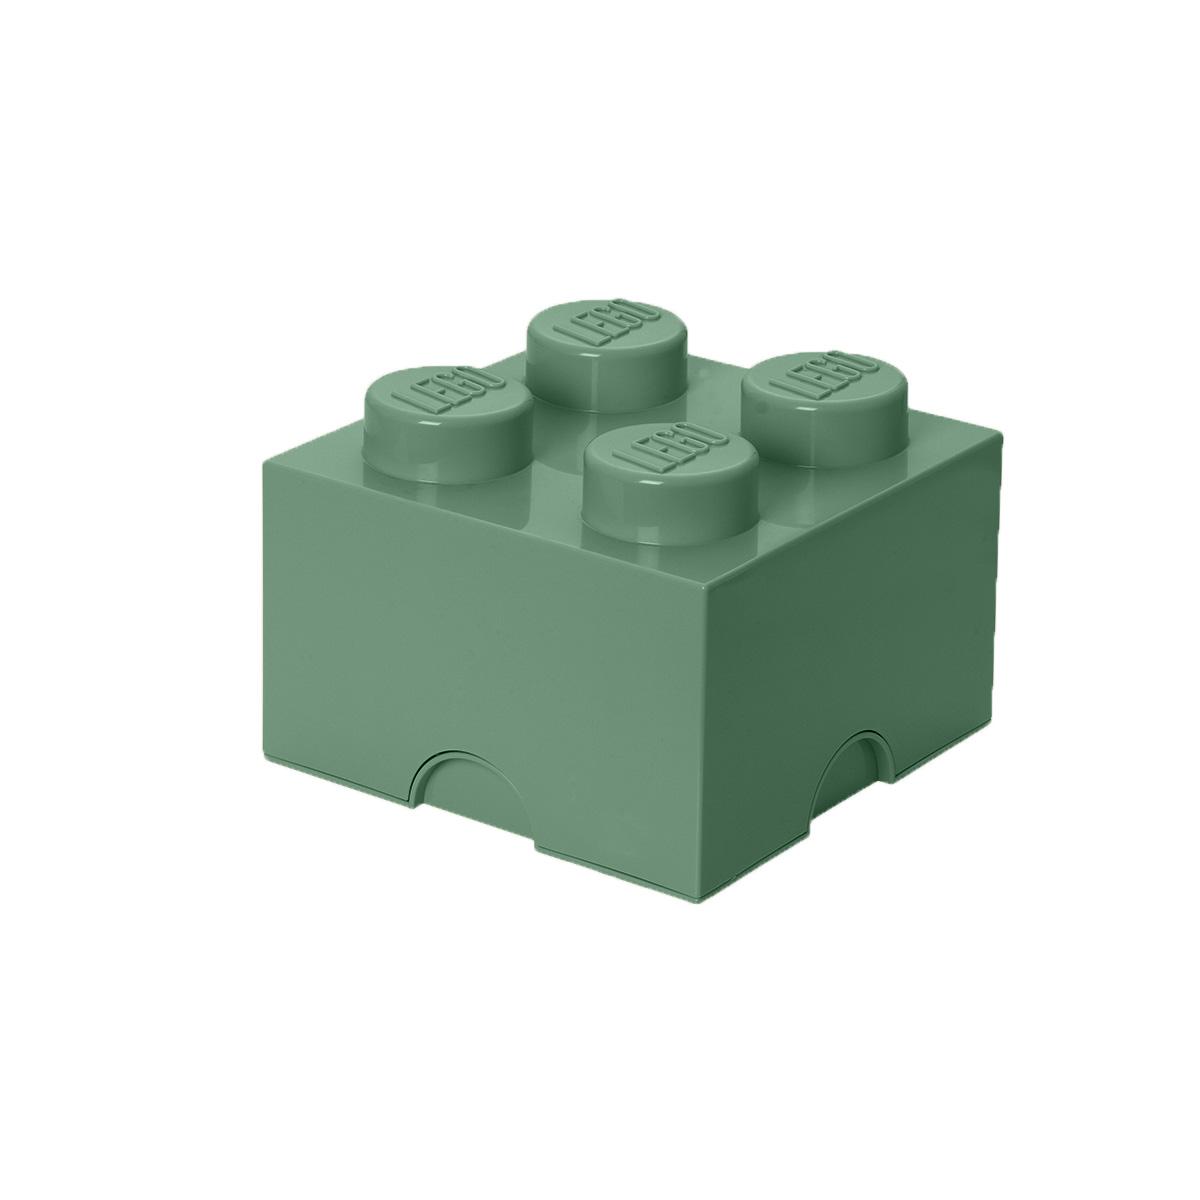 LEGO opbevaringskasse med 4 knopper - Grøn